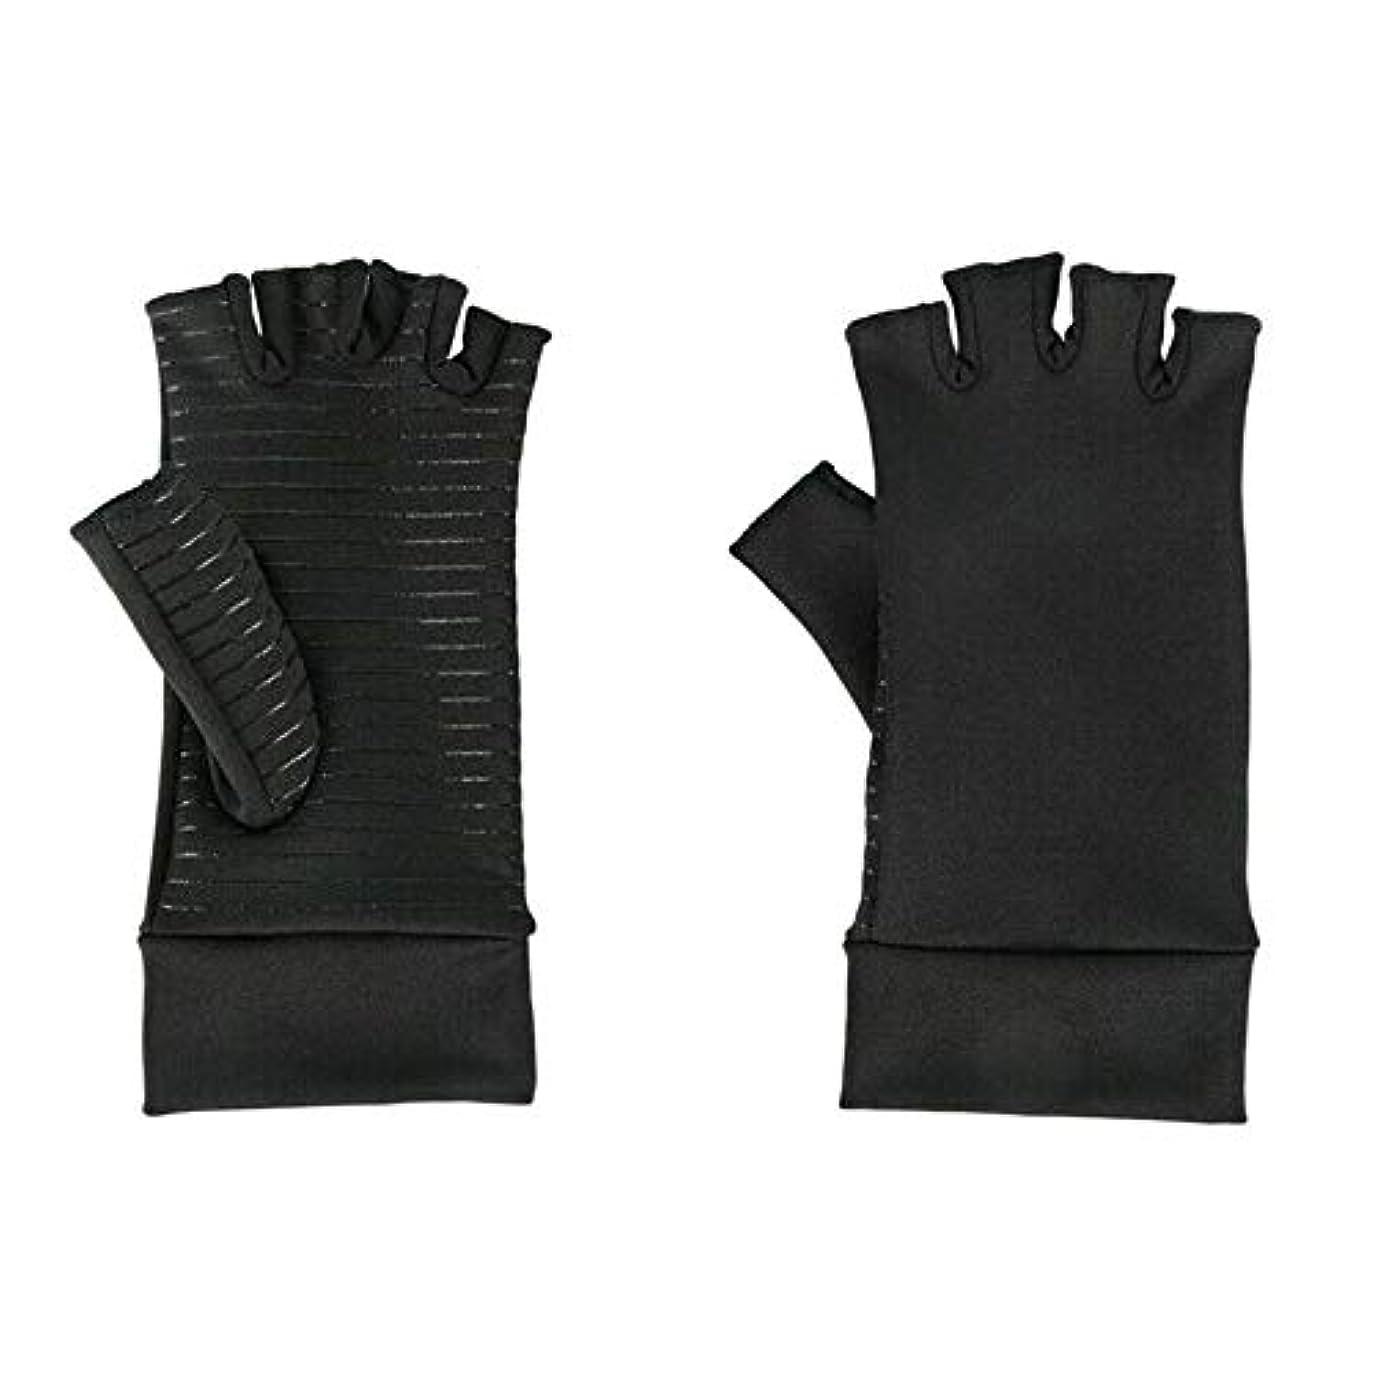 重要な甘美な安いですACAMPTAR 圧縮手袋、関節炎、手根管、手首の装具、サポート、M